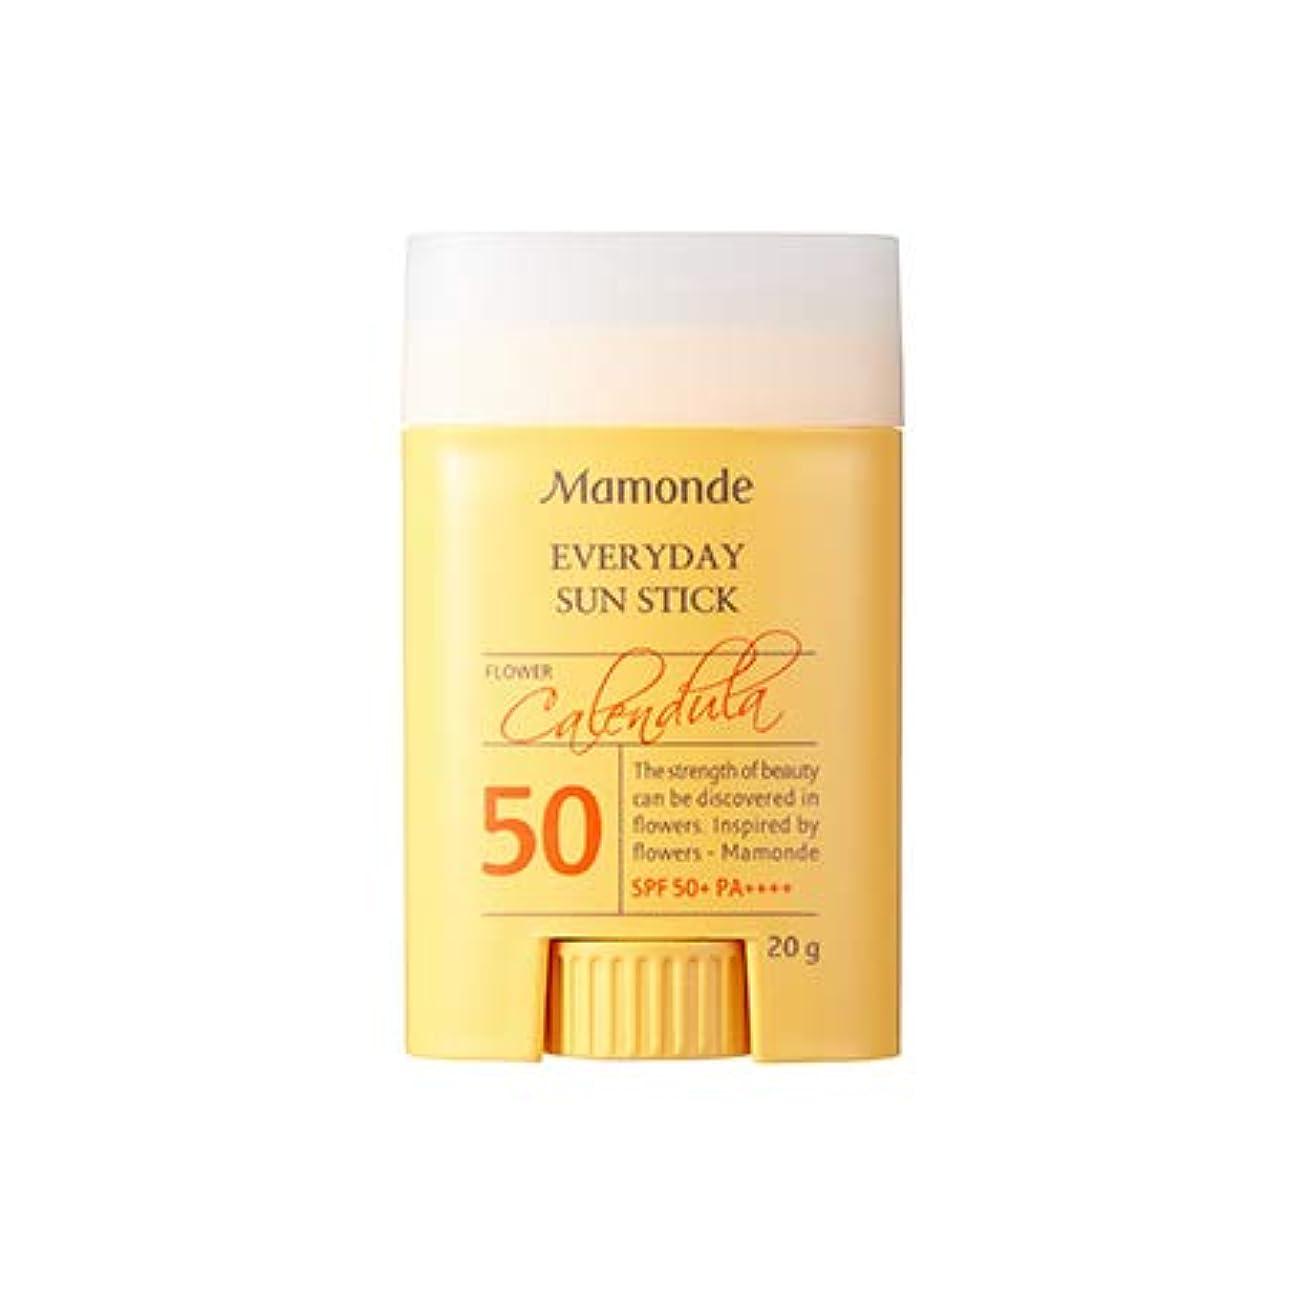 ジャンプギター前提条件Mamonde Everyday Sun Stick 20g マモンド エブリデーサンスティック (SPF50+/PA++++) [並行輸入品]